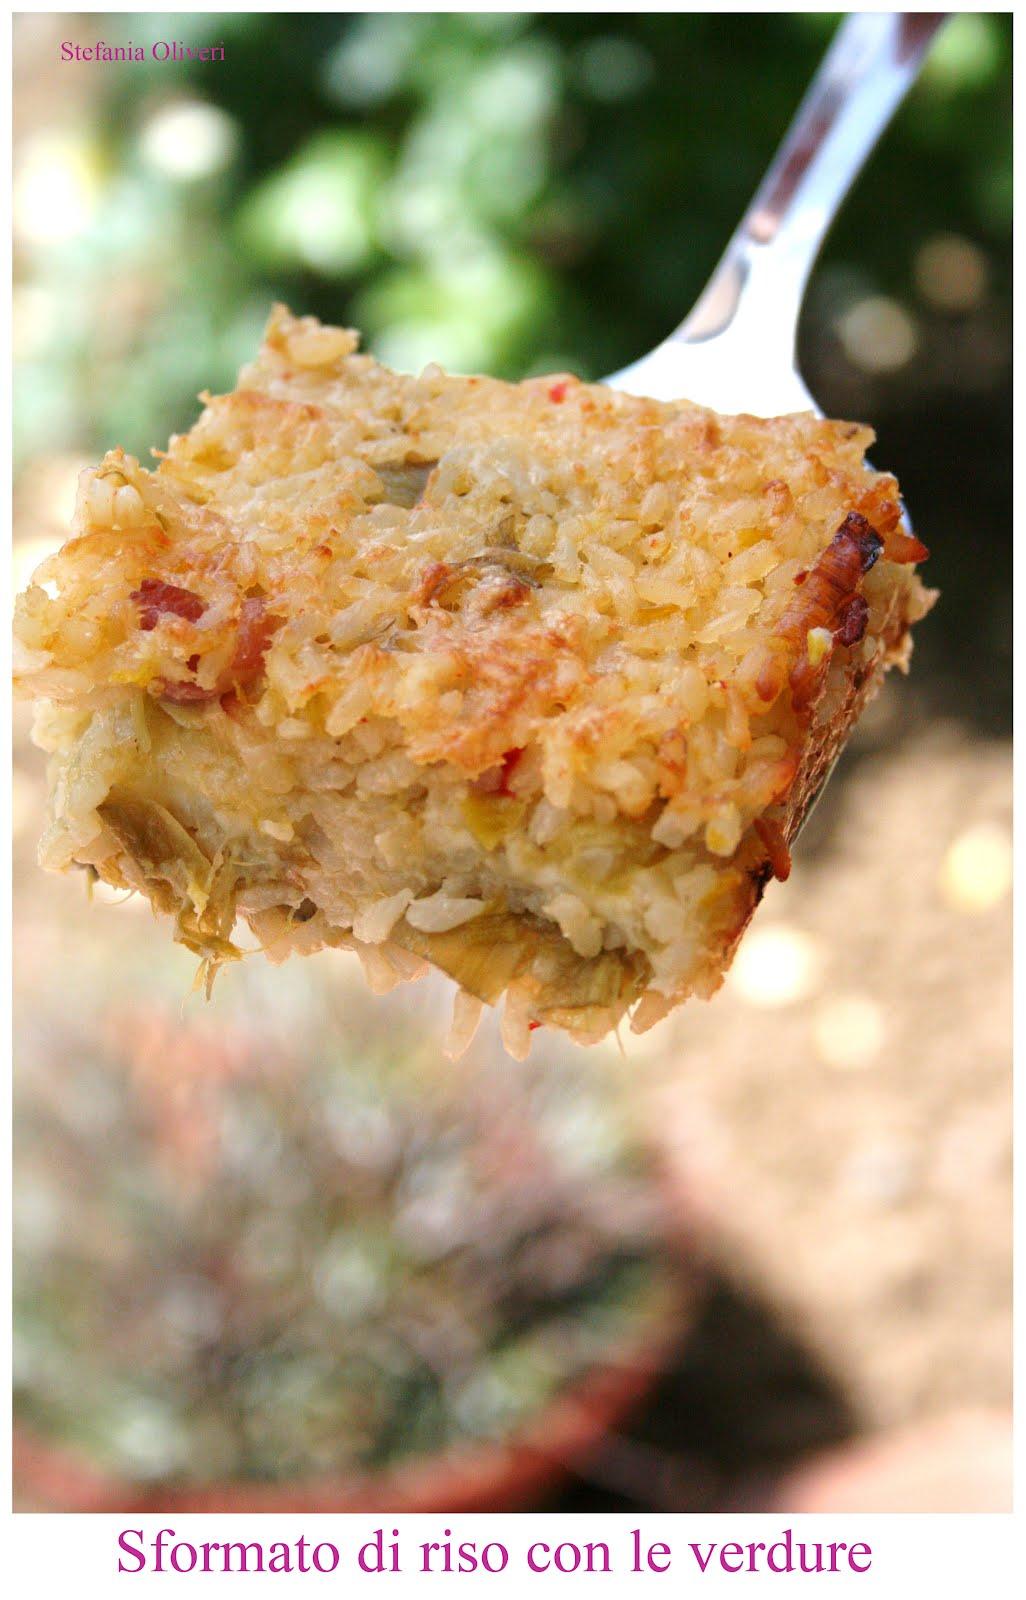 Sformato di riso alle verdure - Cardamomo & co